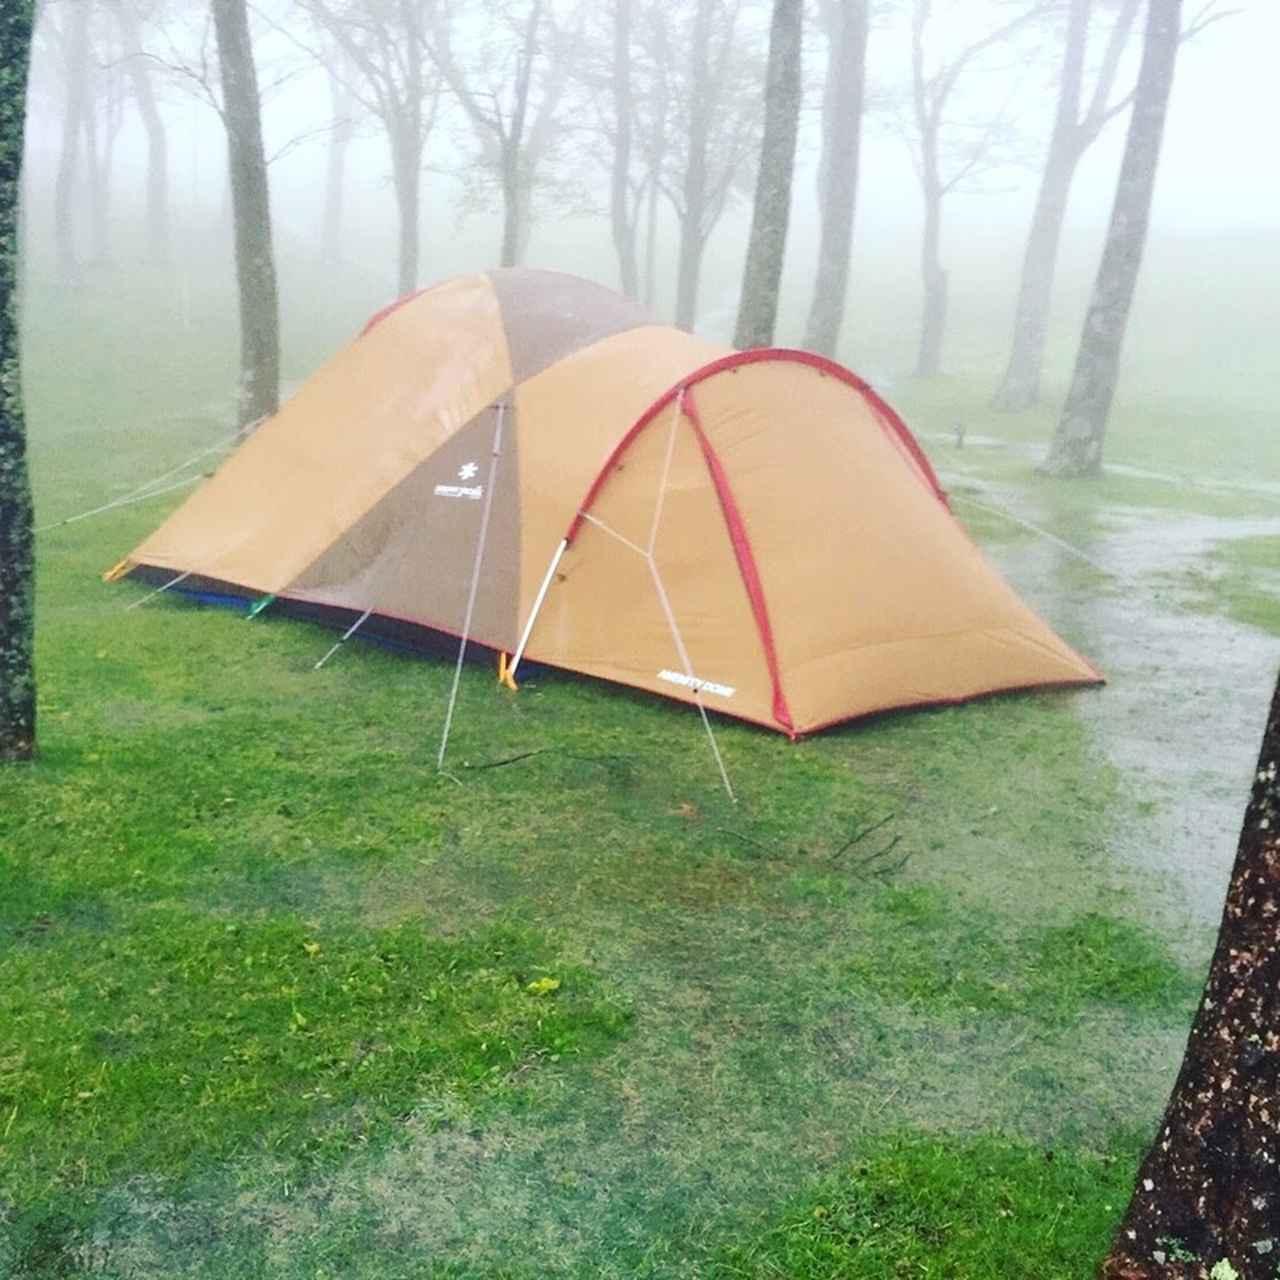 画像: (1)テントはなるべく小さく前室のあるものを選ぶべし